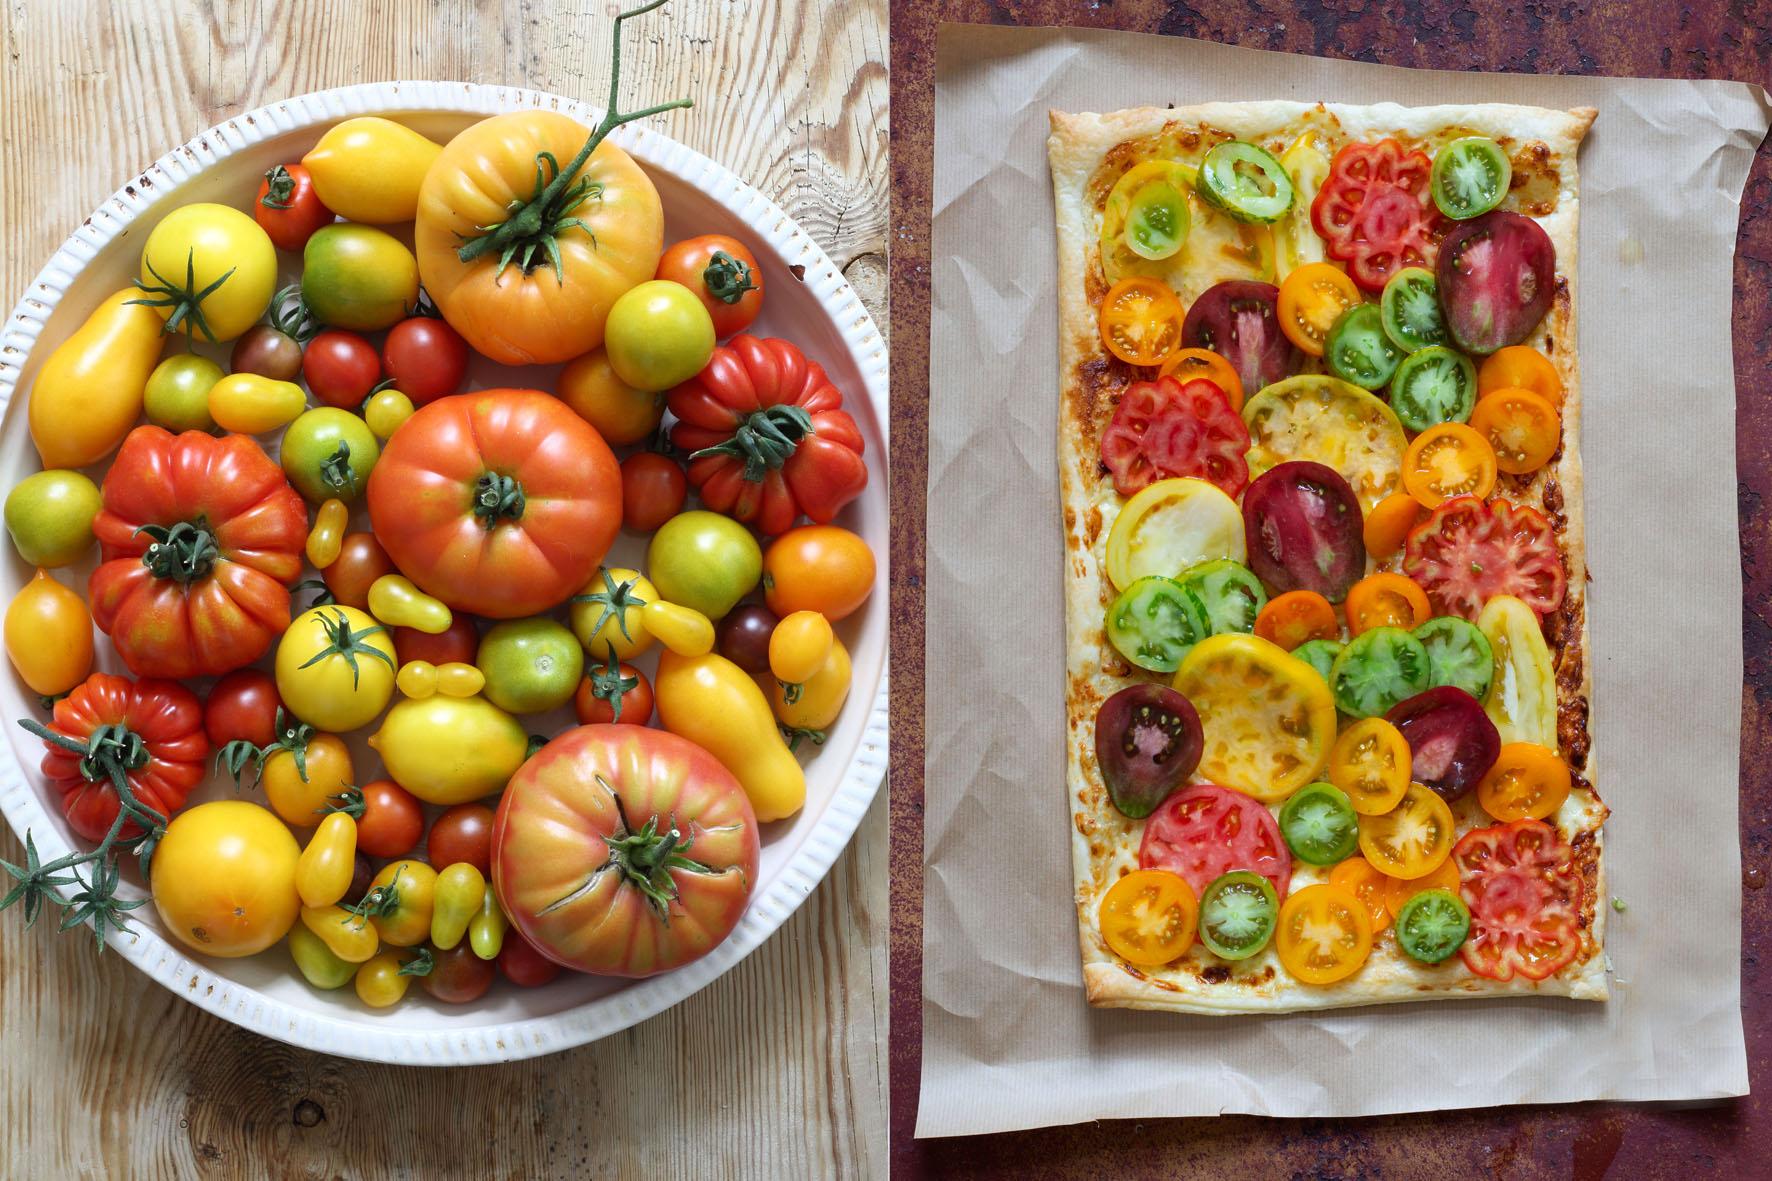 skogtillbord-tomatflarn-juli20